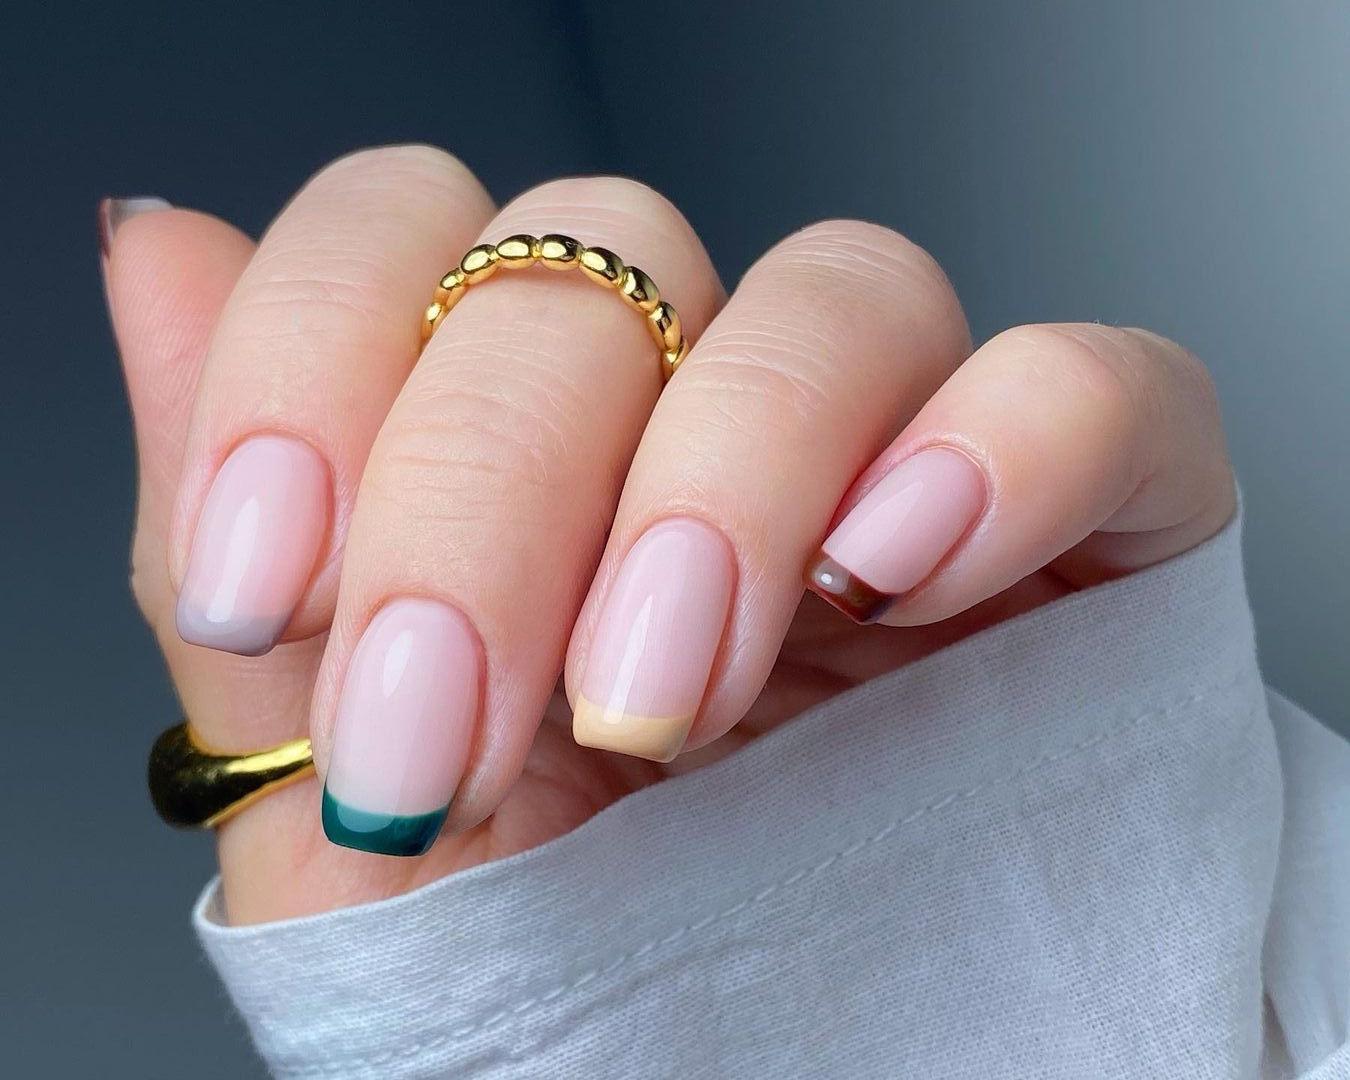 Nagellack Trend Die French Nails bekommen 12 ein farbiges ...